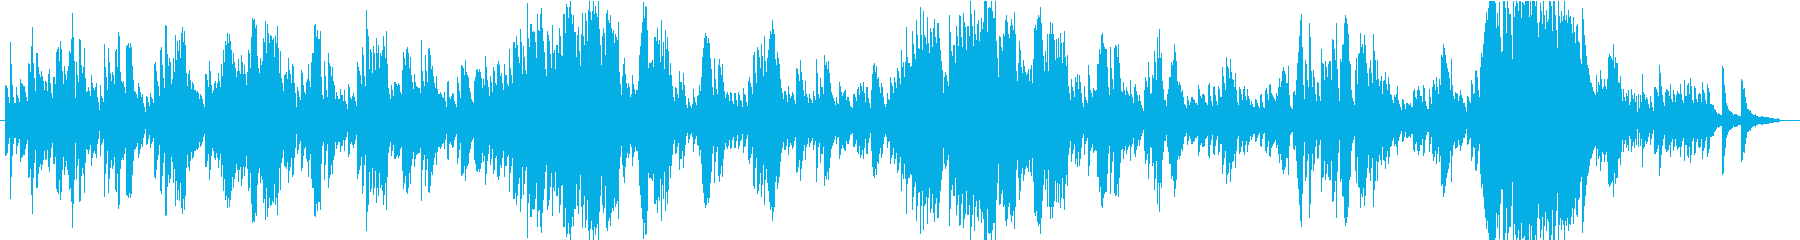 ショパン ノクターン第2番 ピアノ モノの再生済みの波形